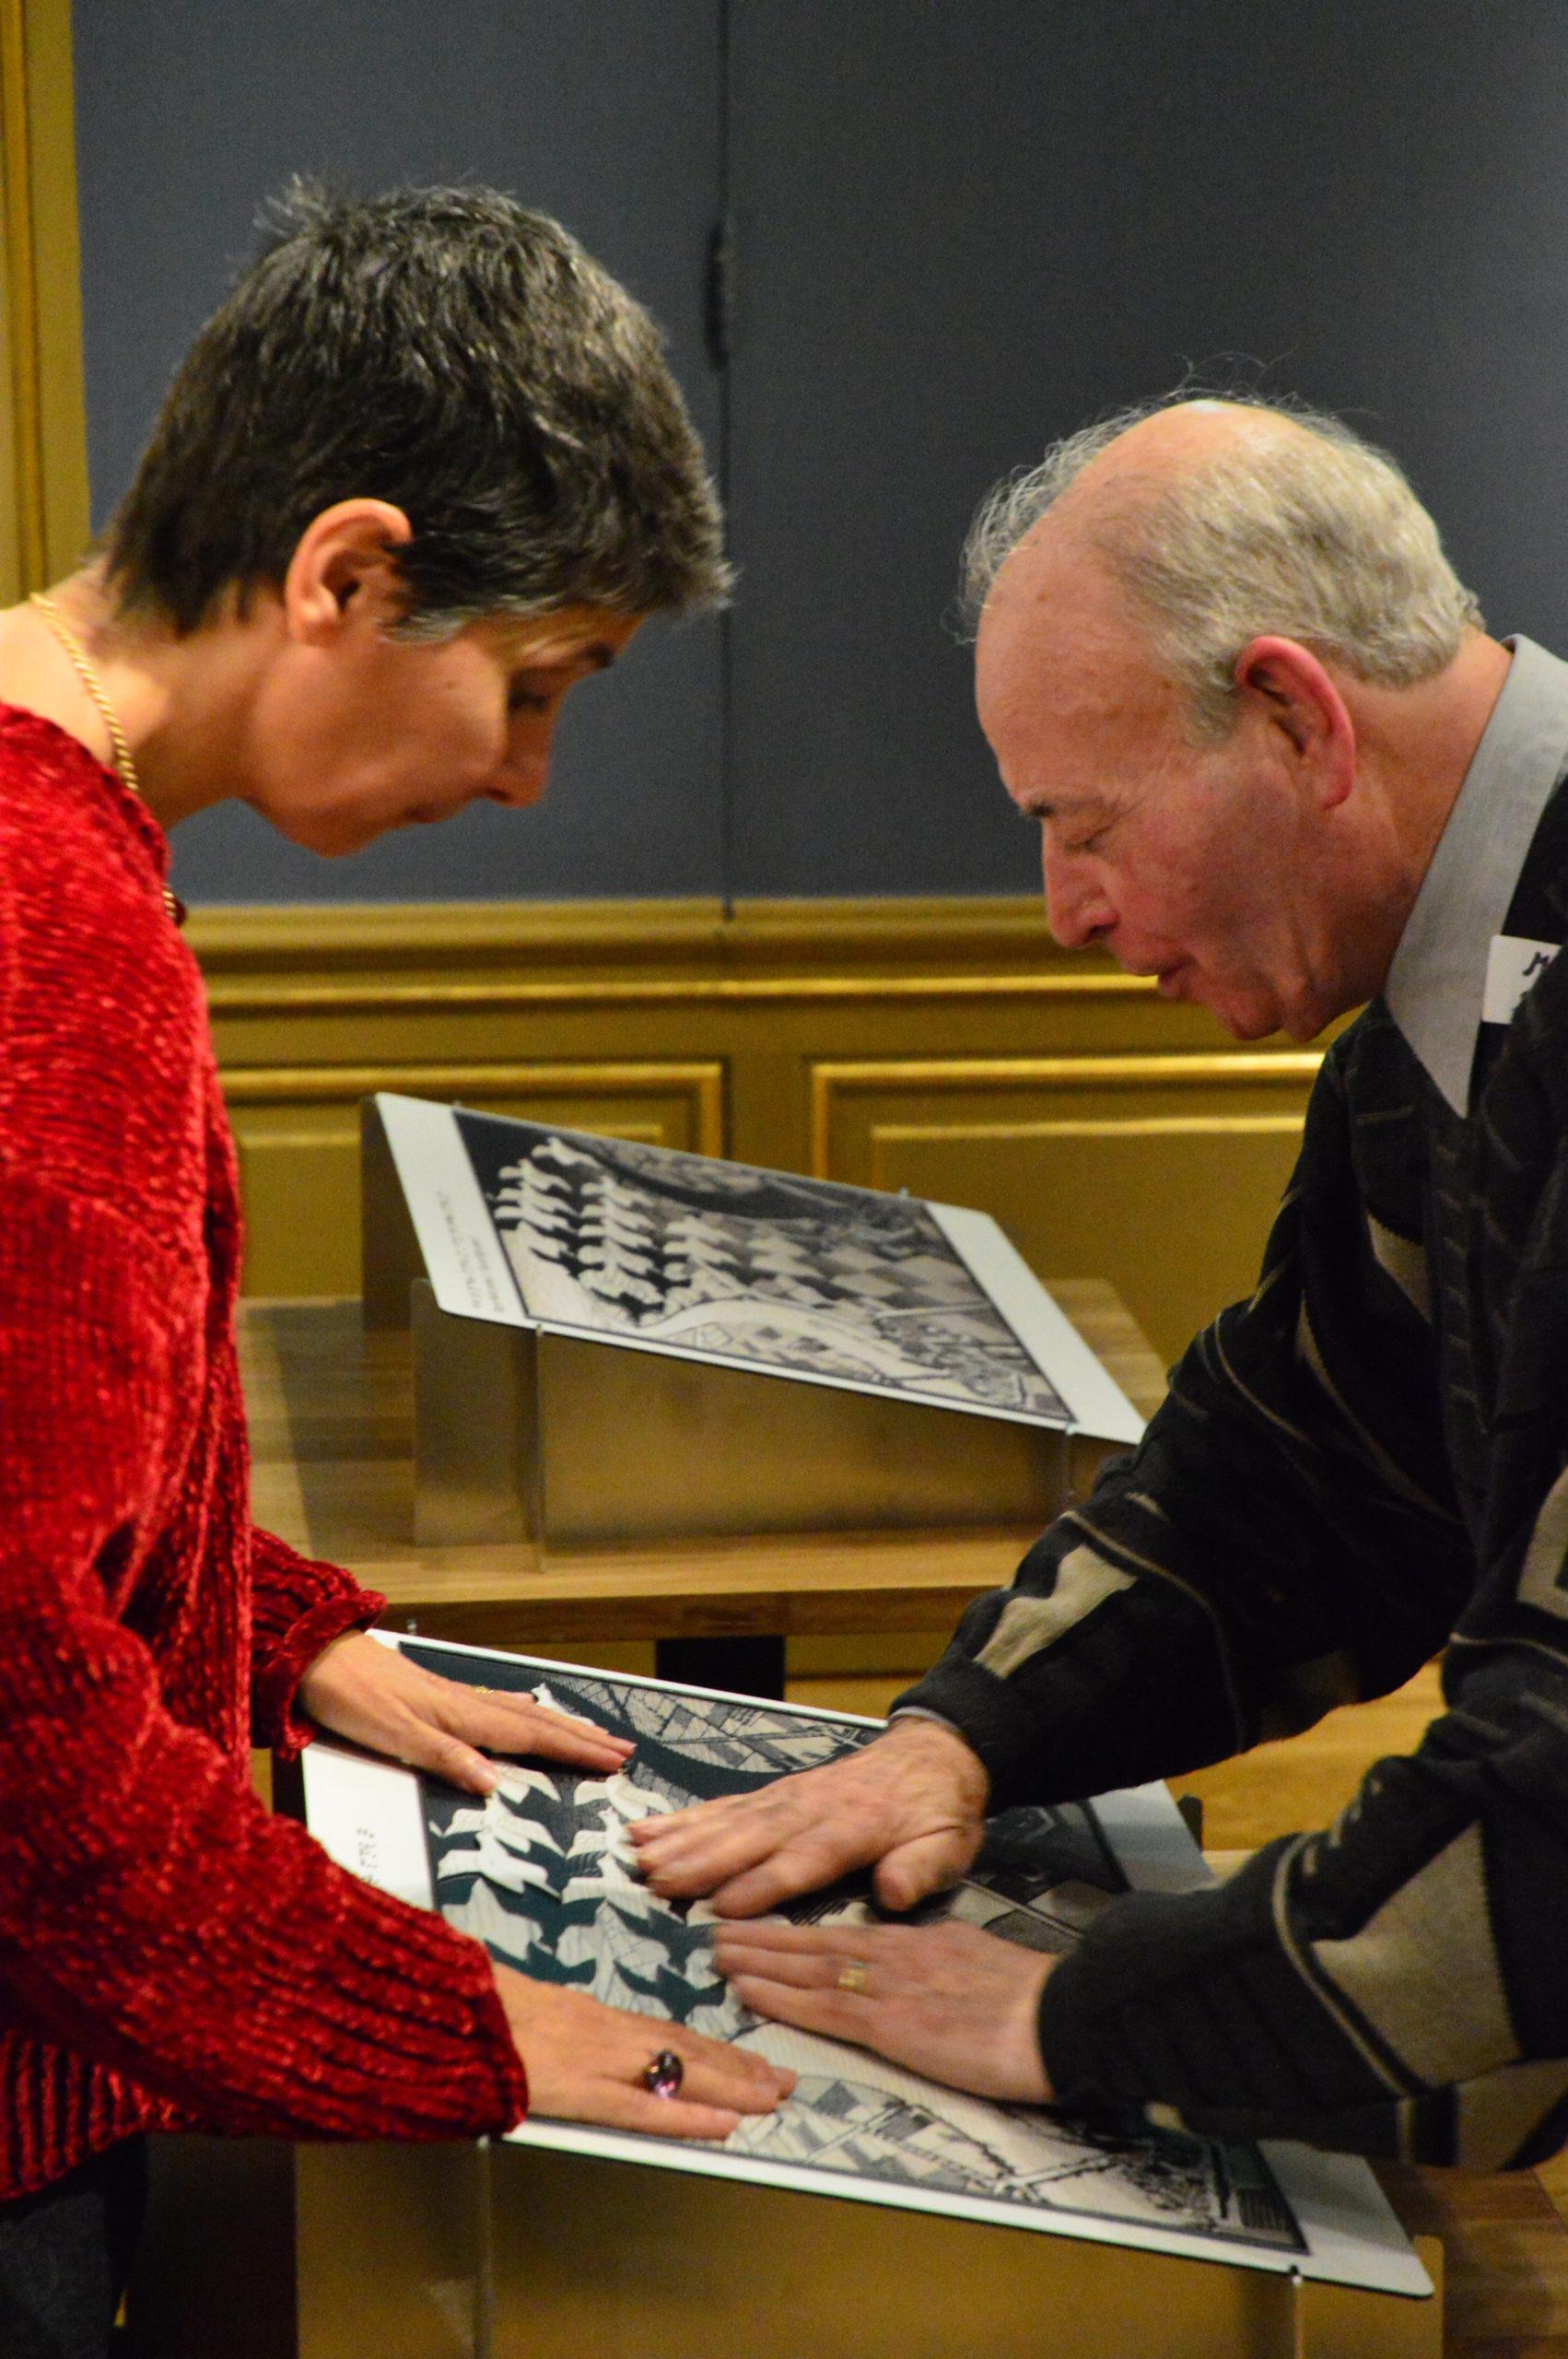 Een man voelt onder begeleiding van een vrouw aan een voelplaat van een tekening van Escher. De tekening is deels in reliëf aangebracht om de techniek uit de kunnen leggen